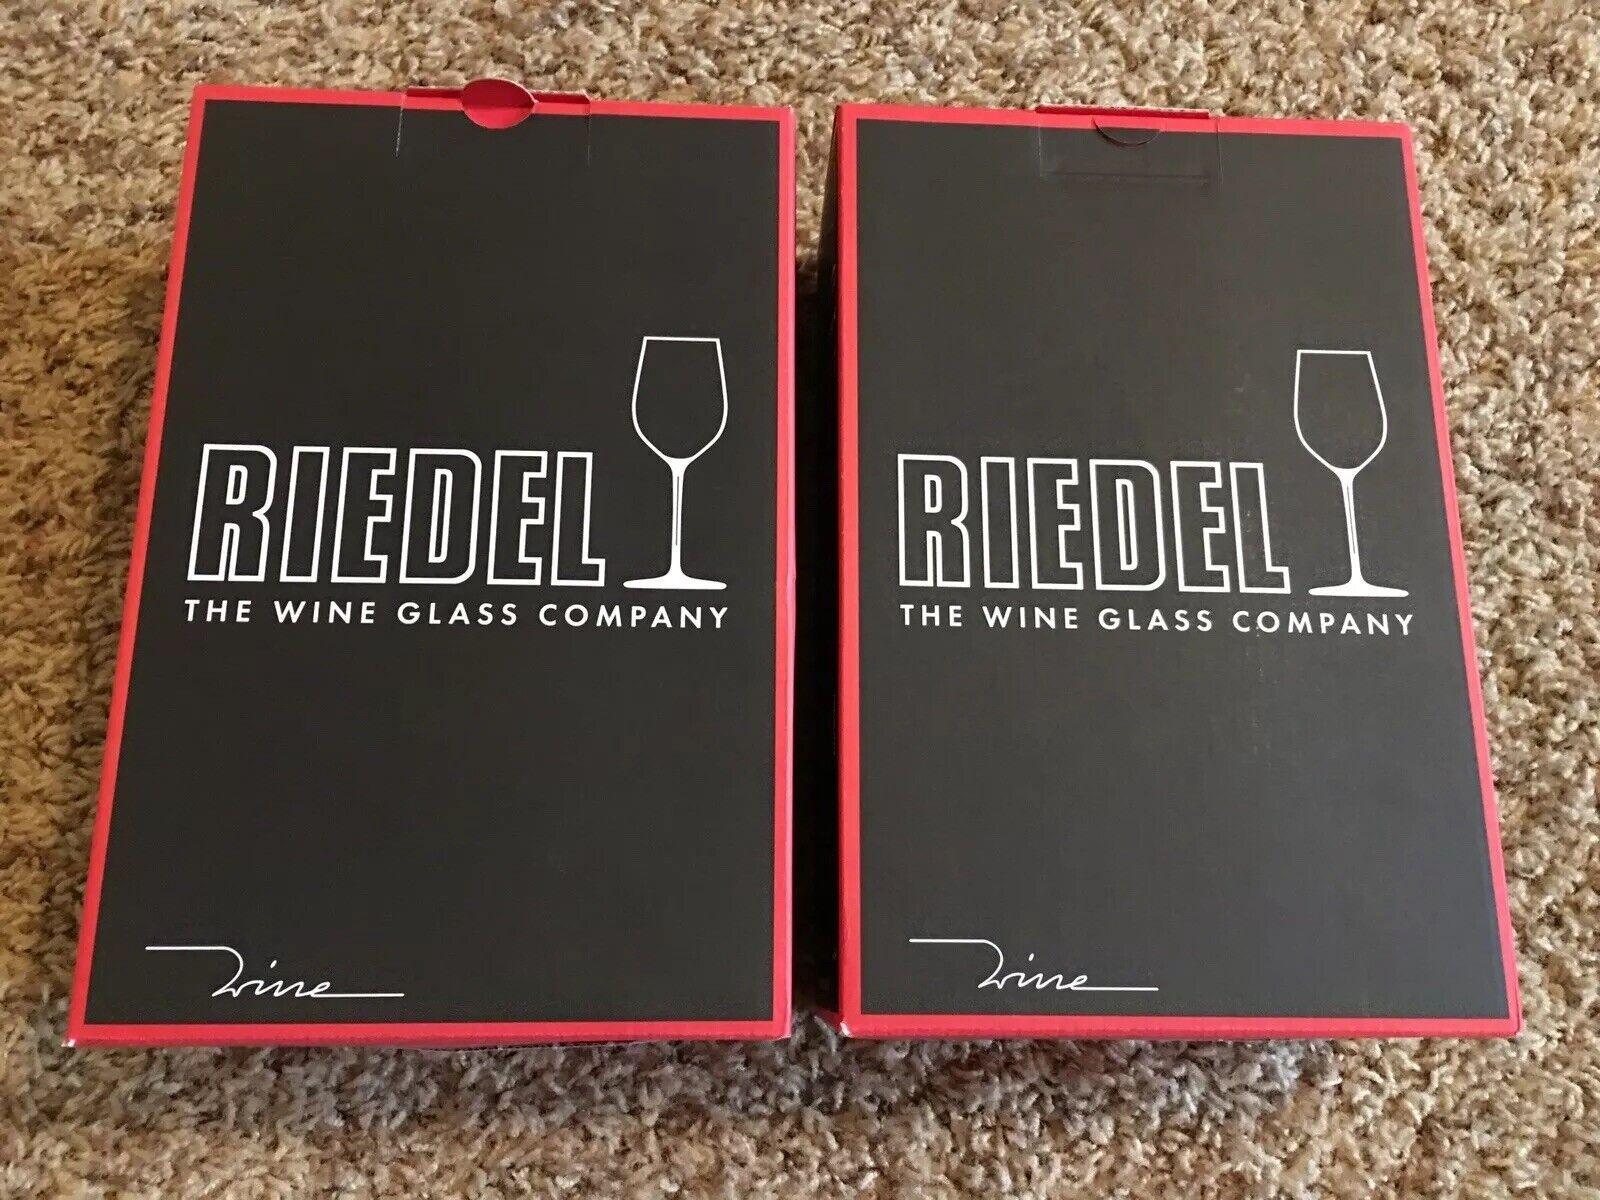 Nouveau  Riedel 4pc. Champagne verres  6448 08  Verre de Cristal Fabriqué en Allemagne